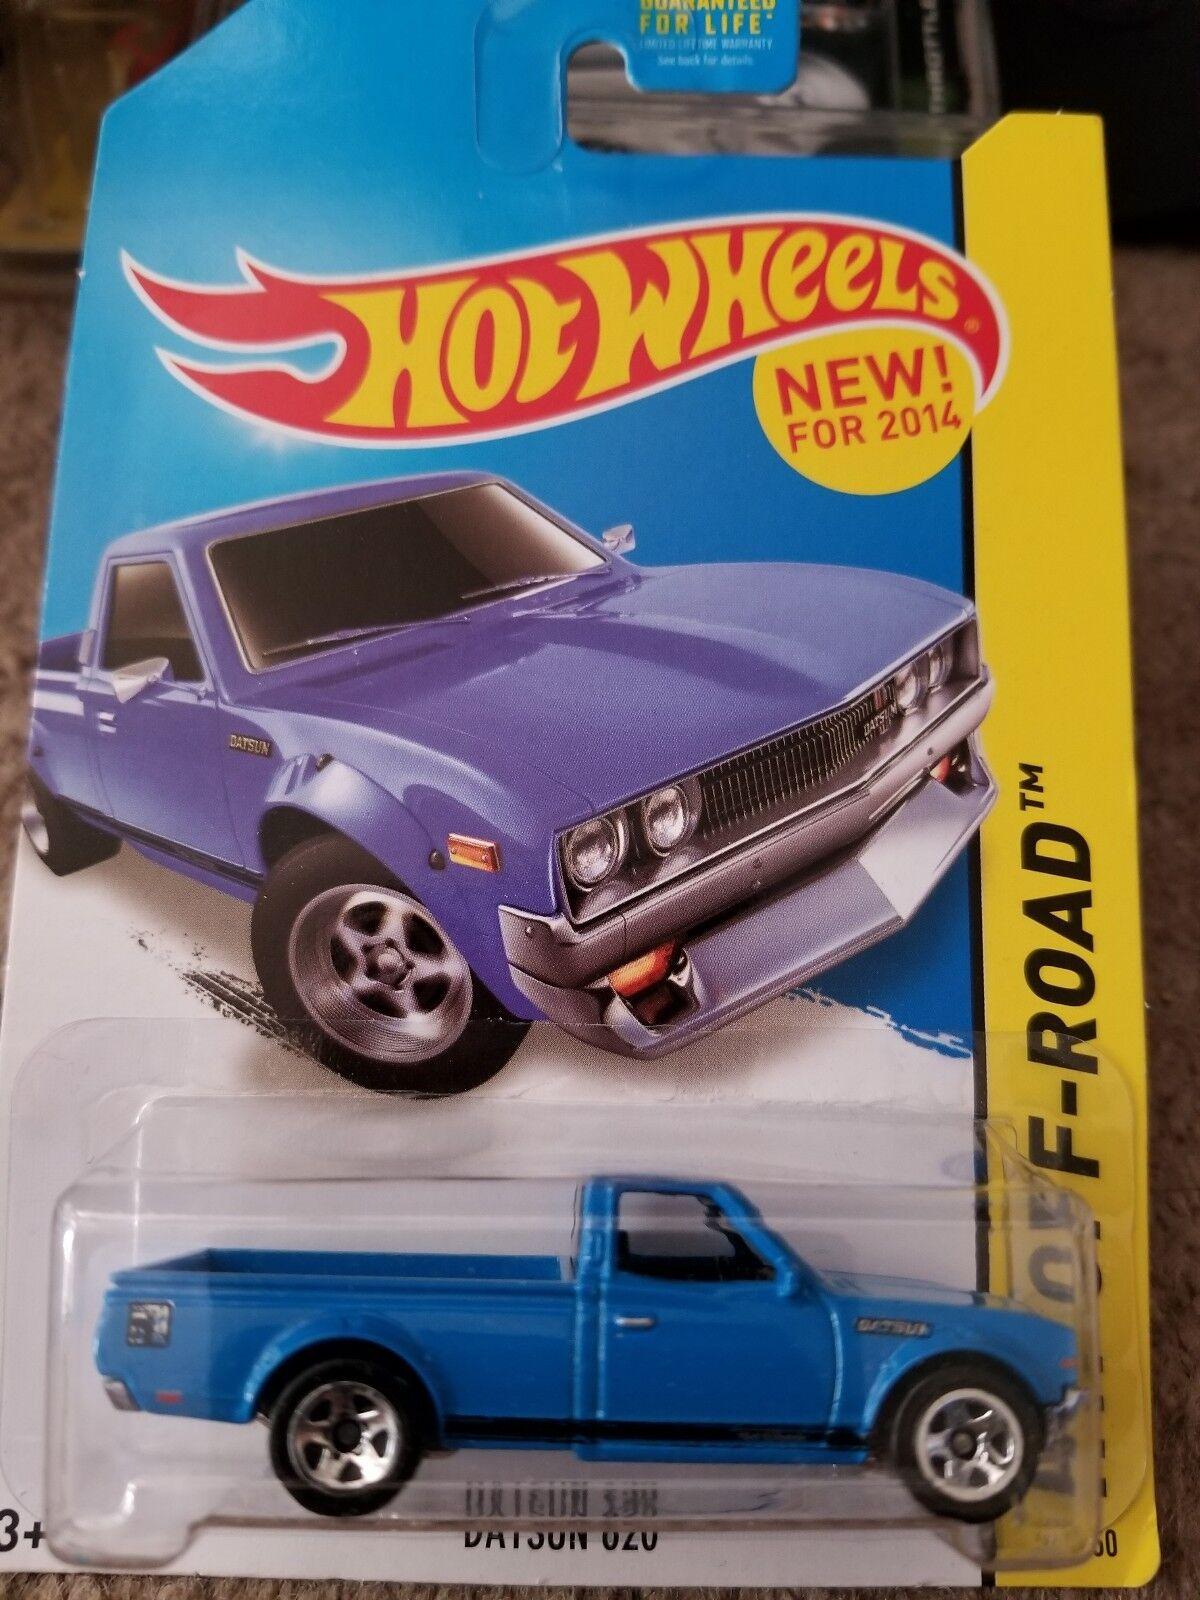 Hot wheels kmart exklusiven Blau datsun 620 und gelben datsun 620